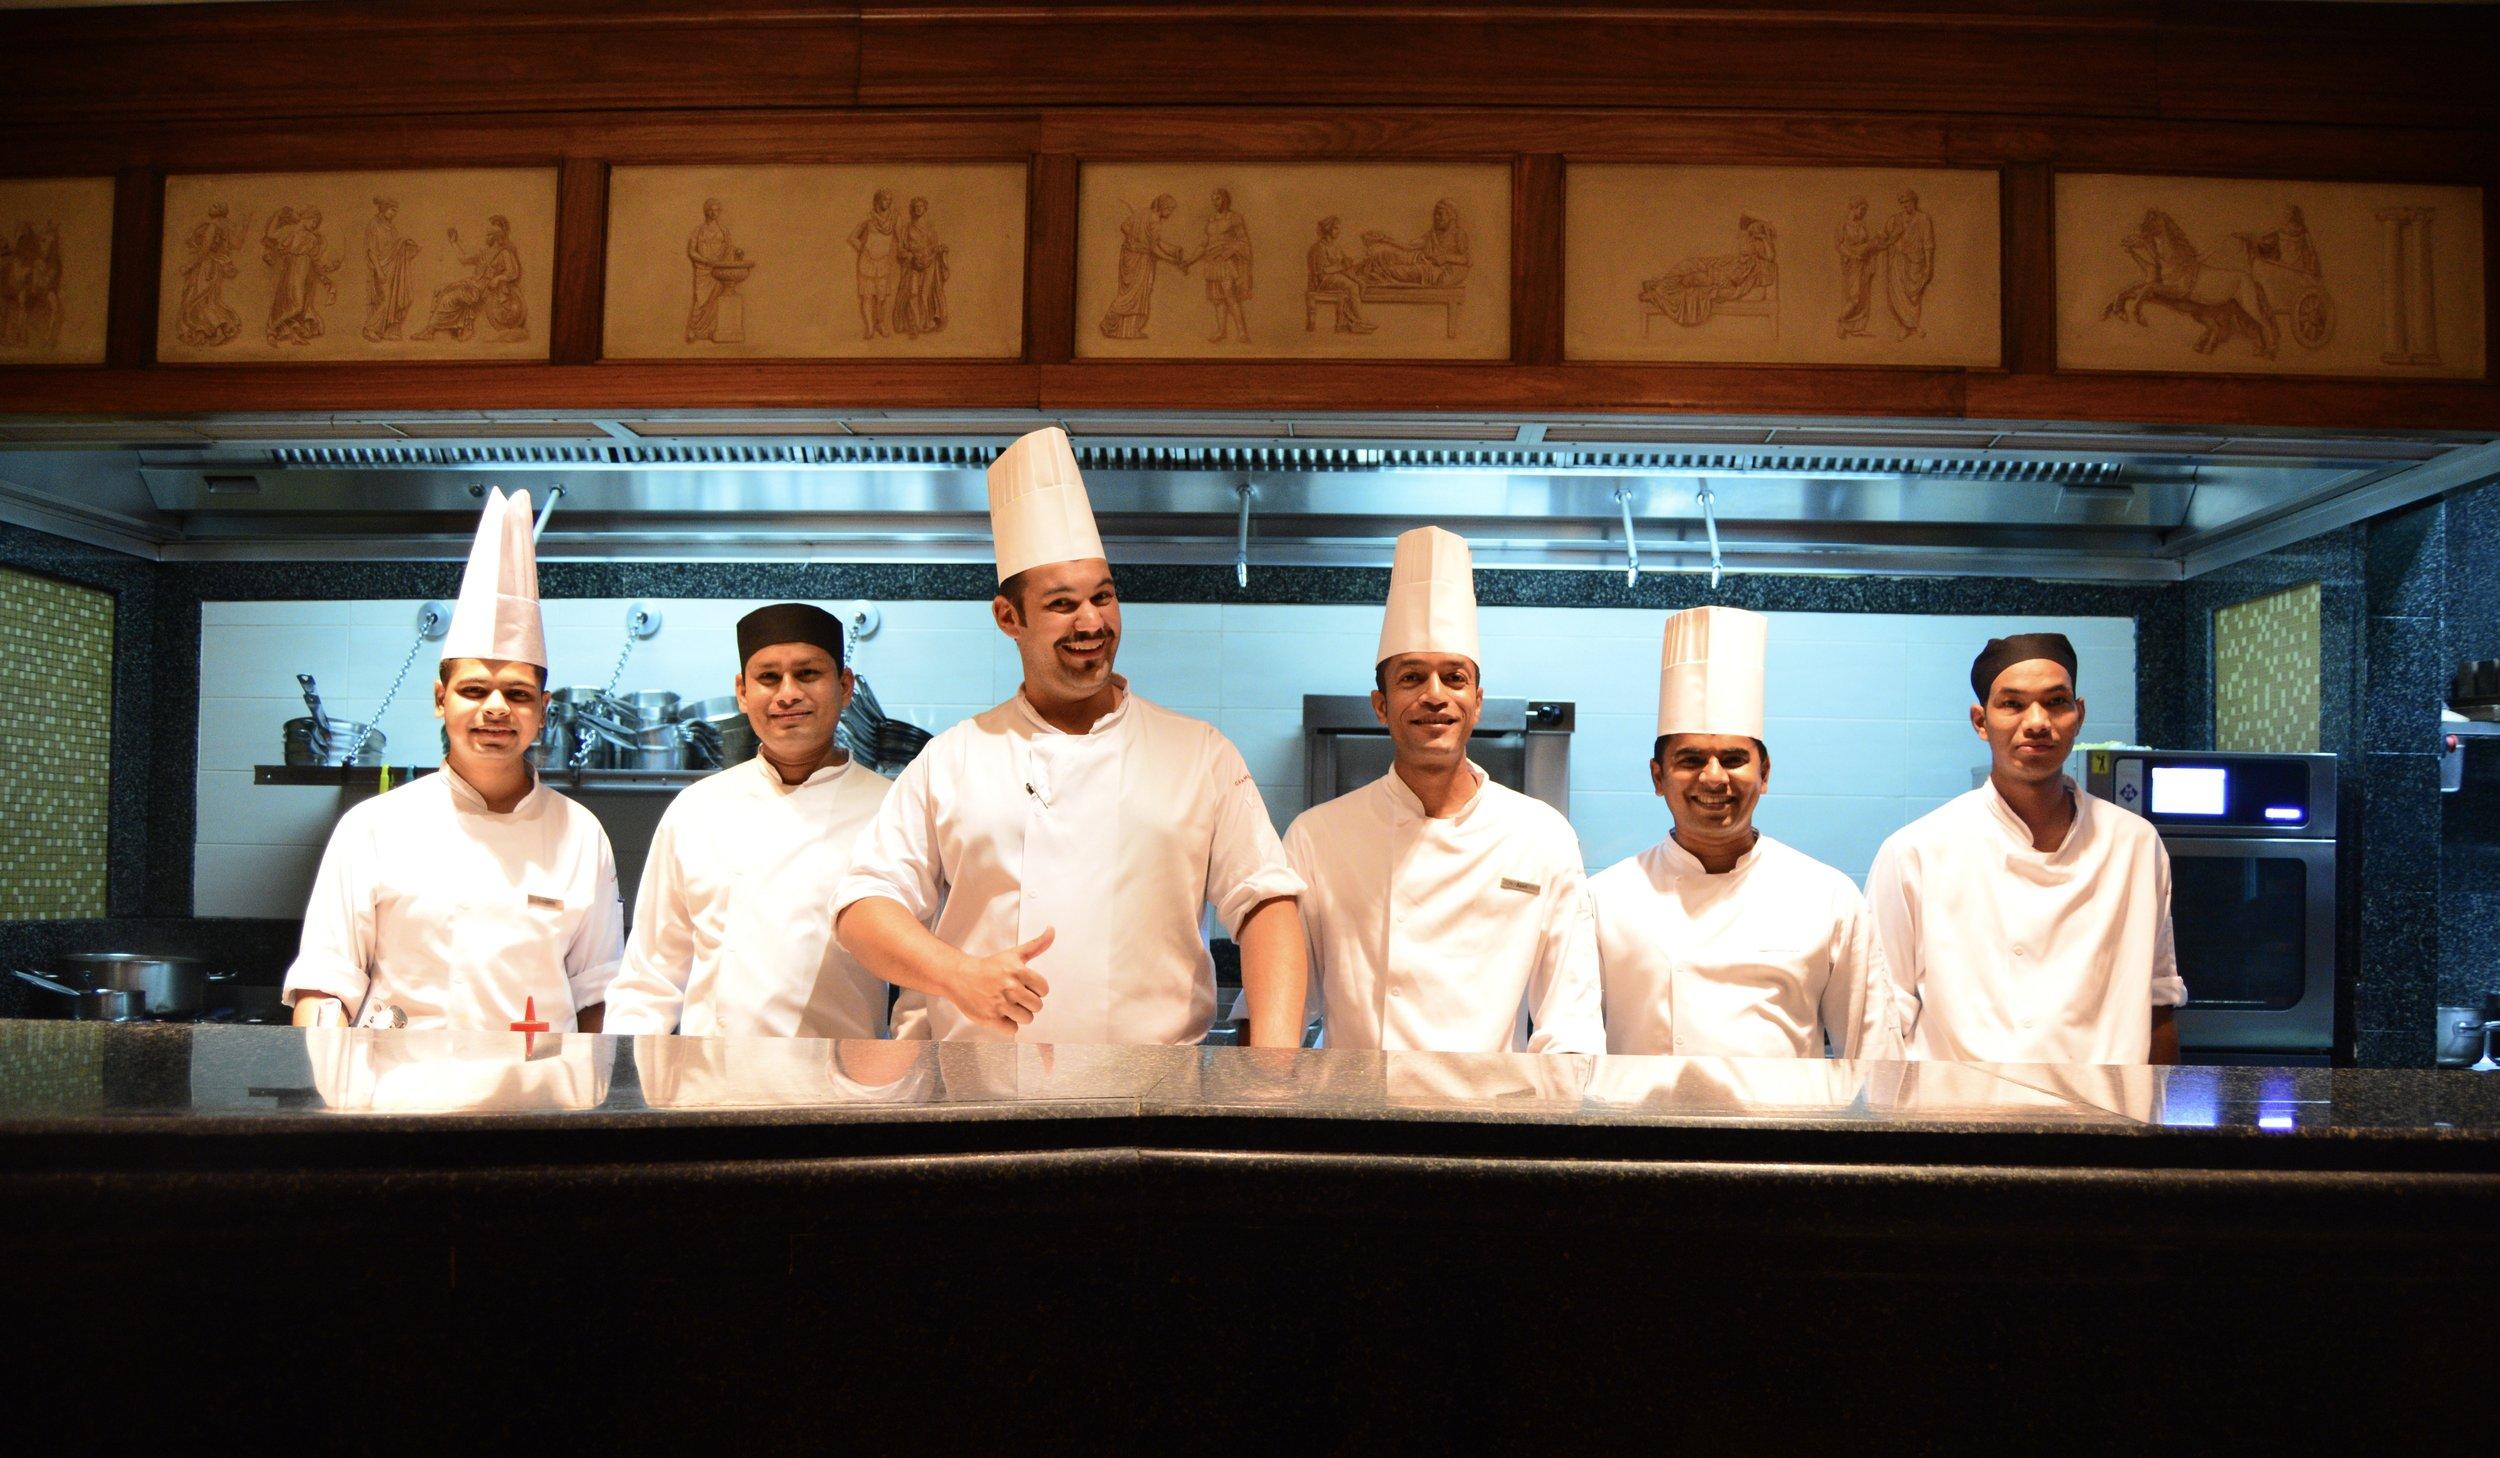 Executive Chef Enrico Degani and his team